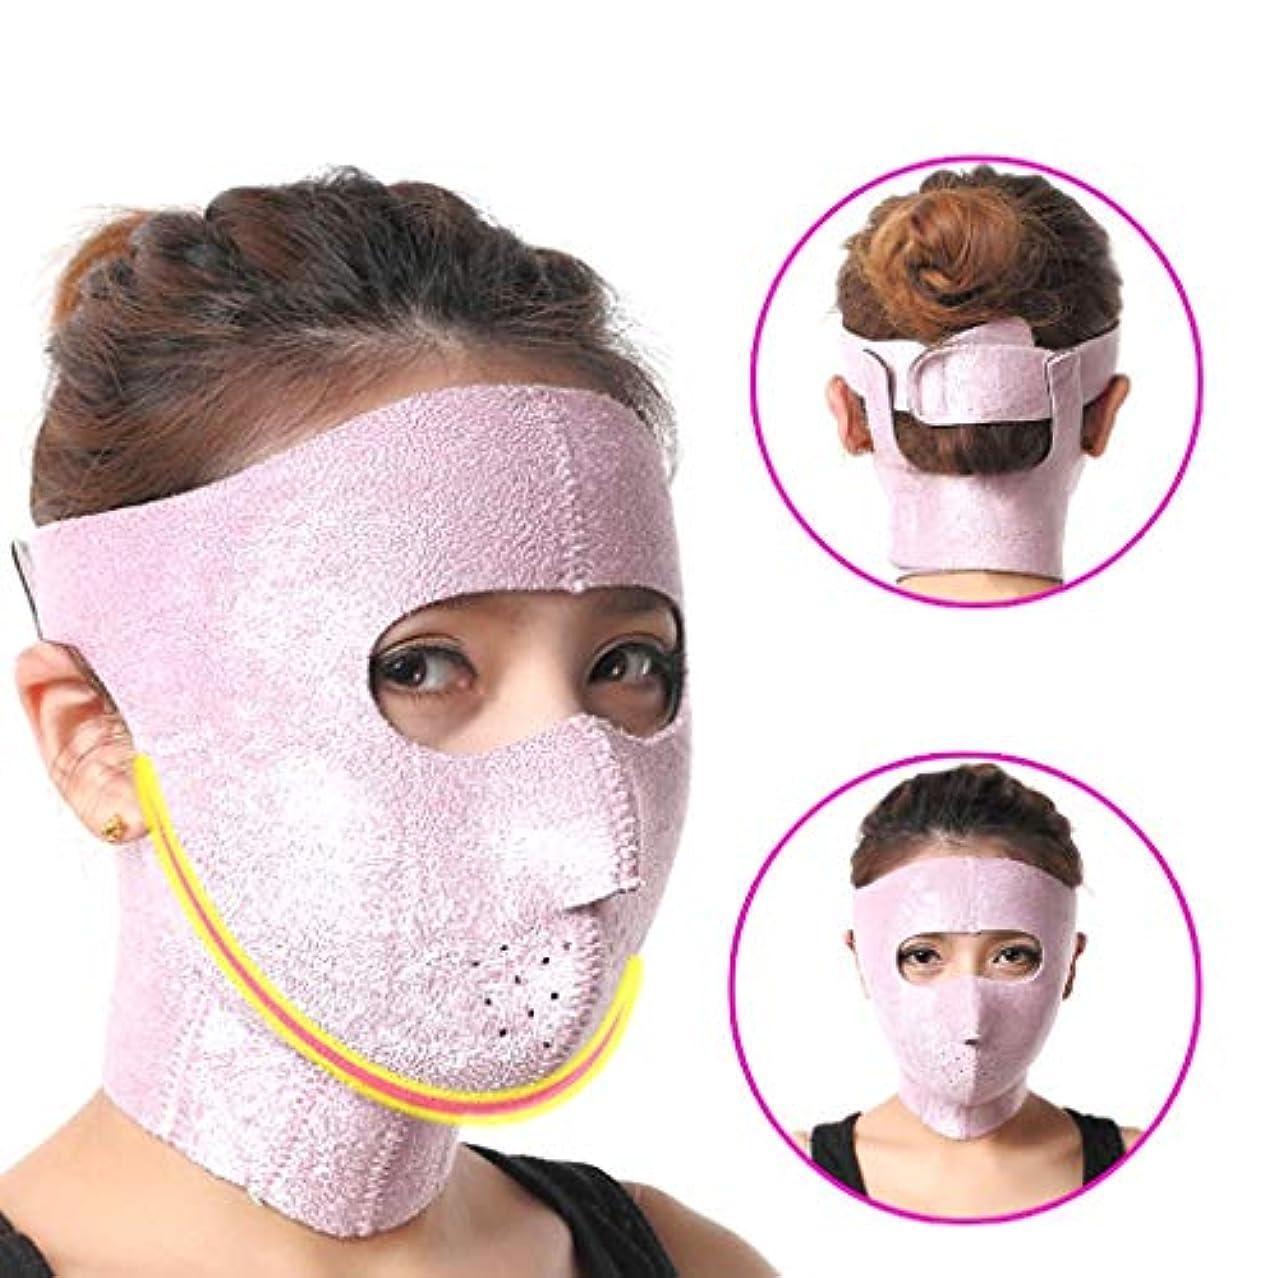 エラー郵便スパン薄いあご修正ツール、顔リフティングマスク、リフティングファーミング、Vフェイシャルマスク、改良された咬筋二重あご、男性と女性の両方に適しています